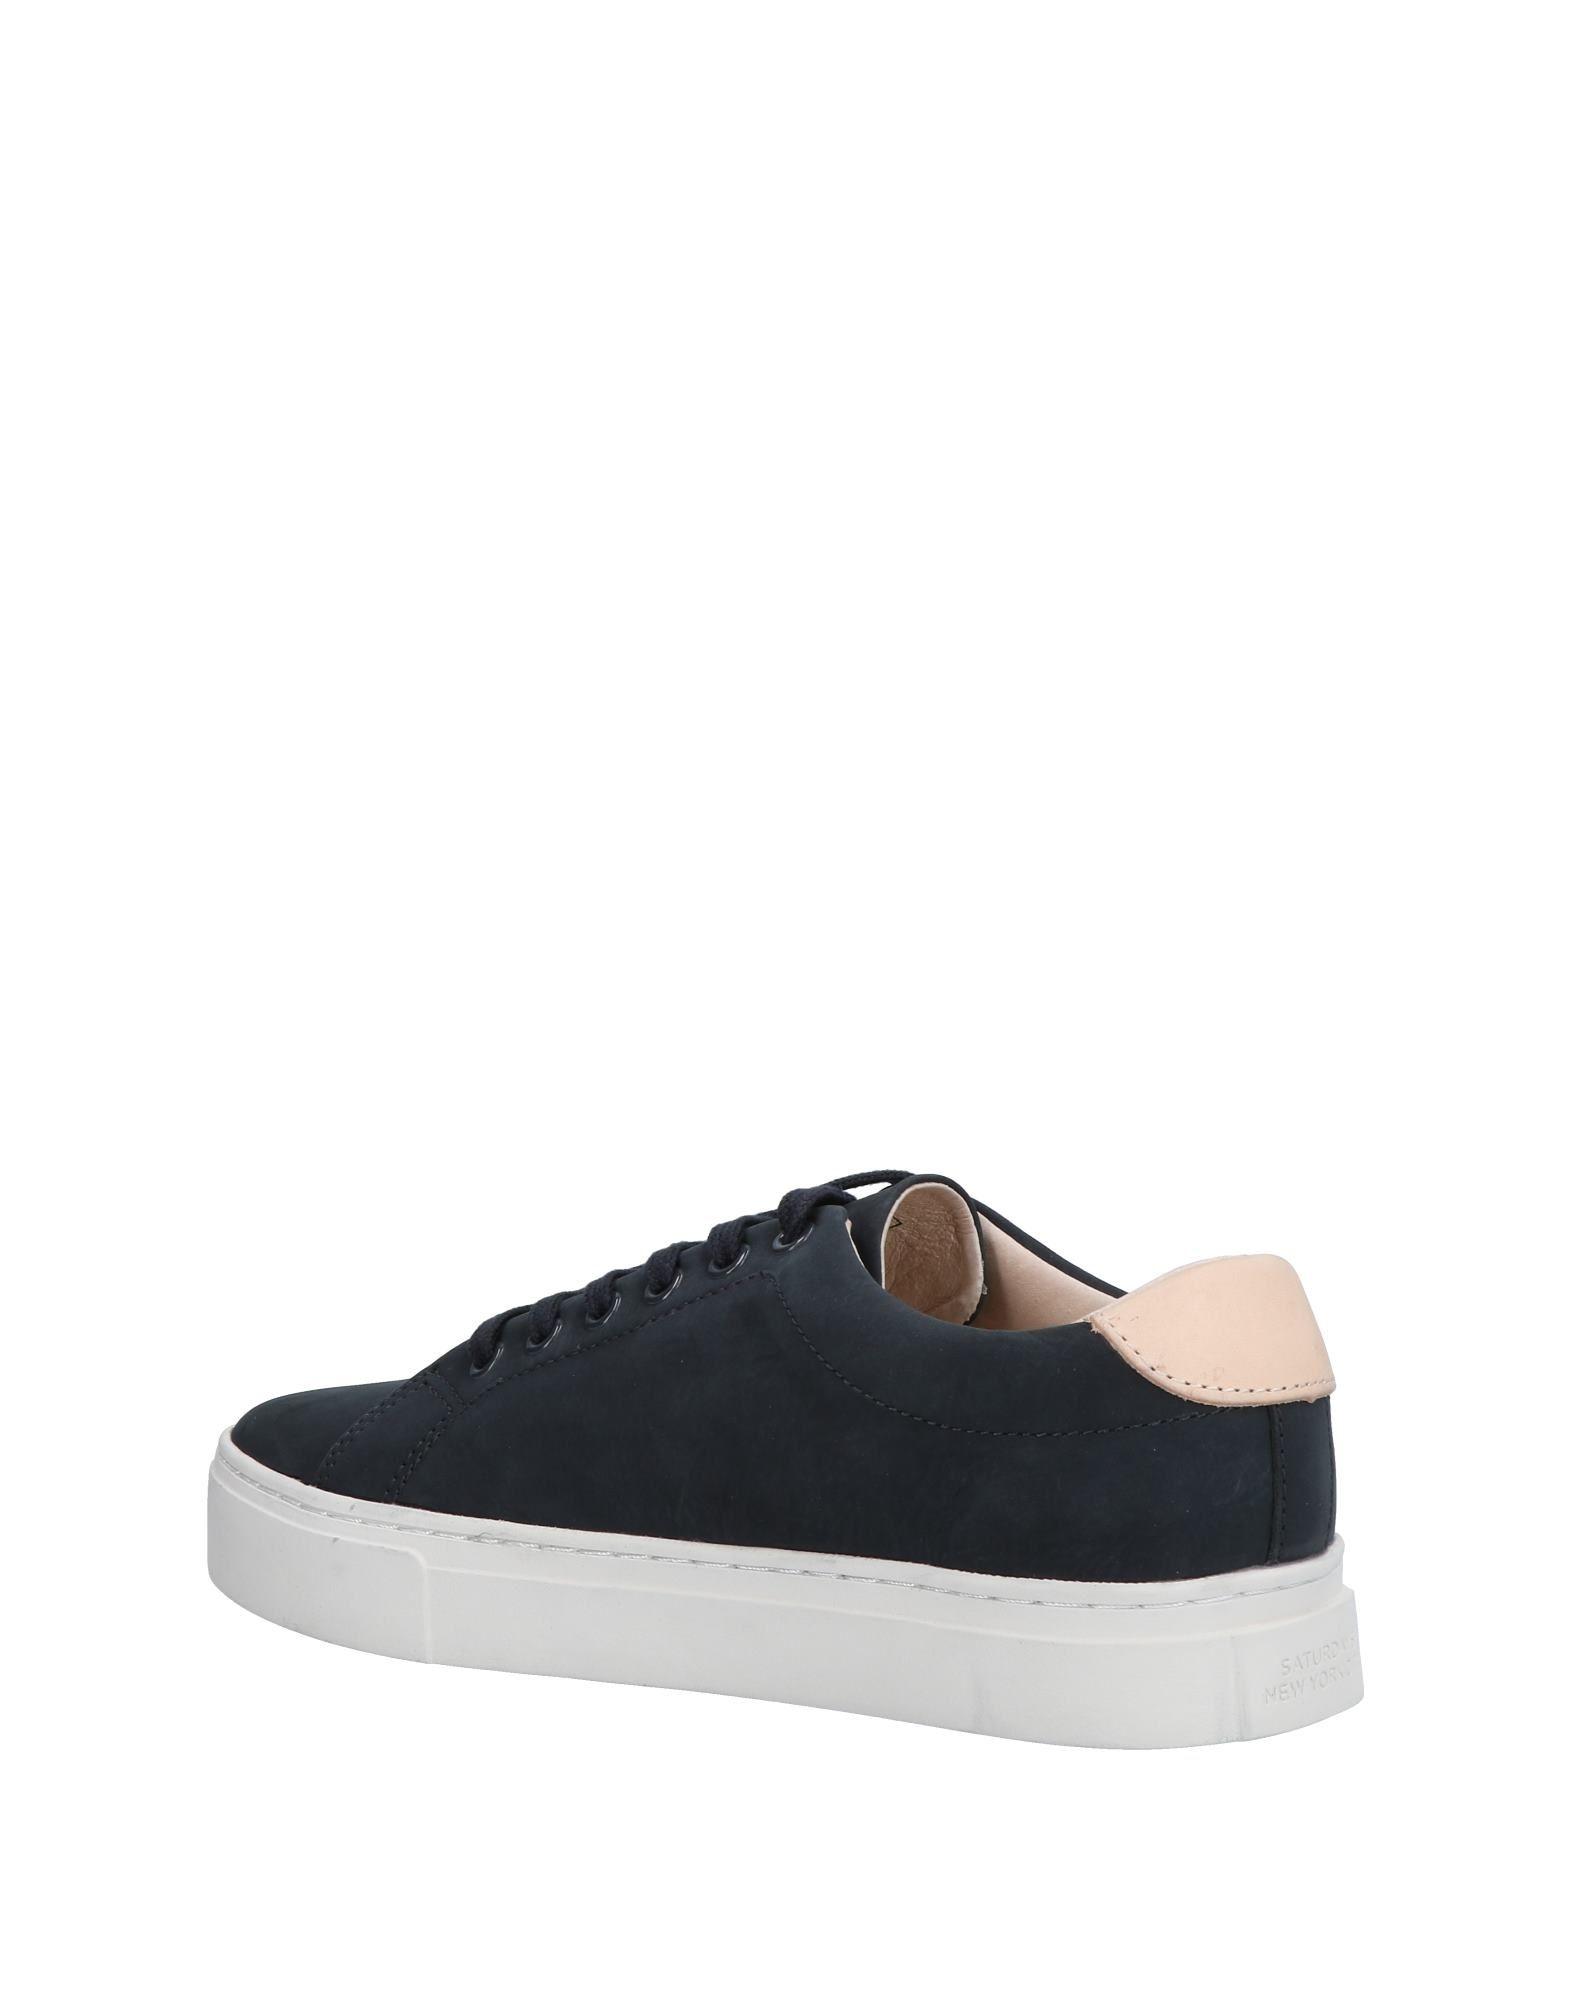 Rabatt echte Schuhe Saturdays New York City Sneakers Herren  11449701MX